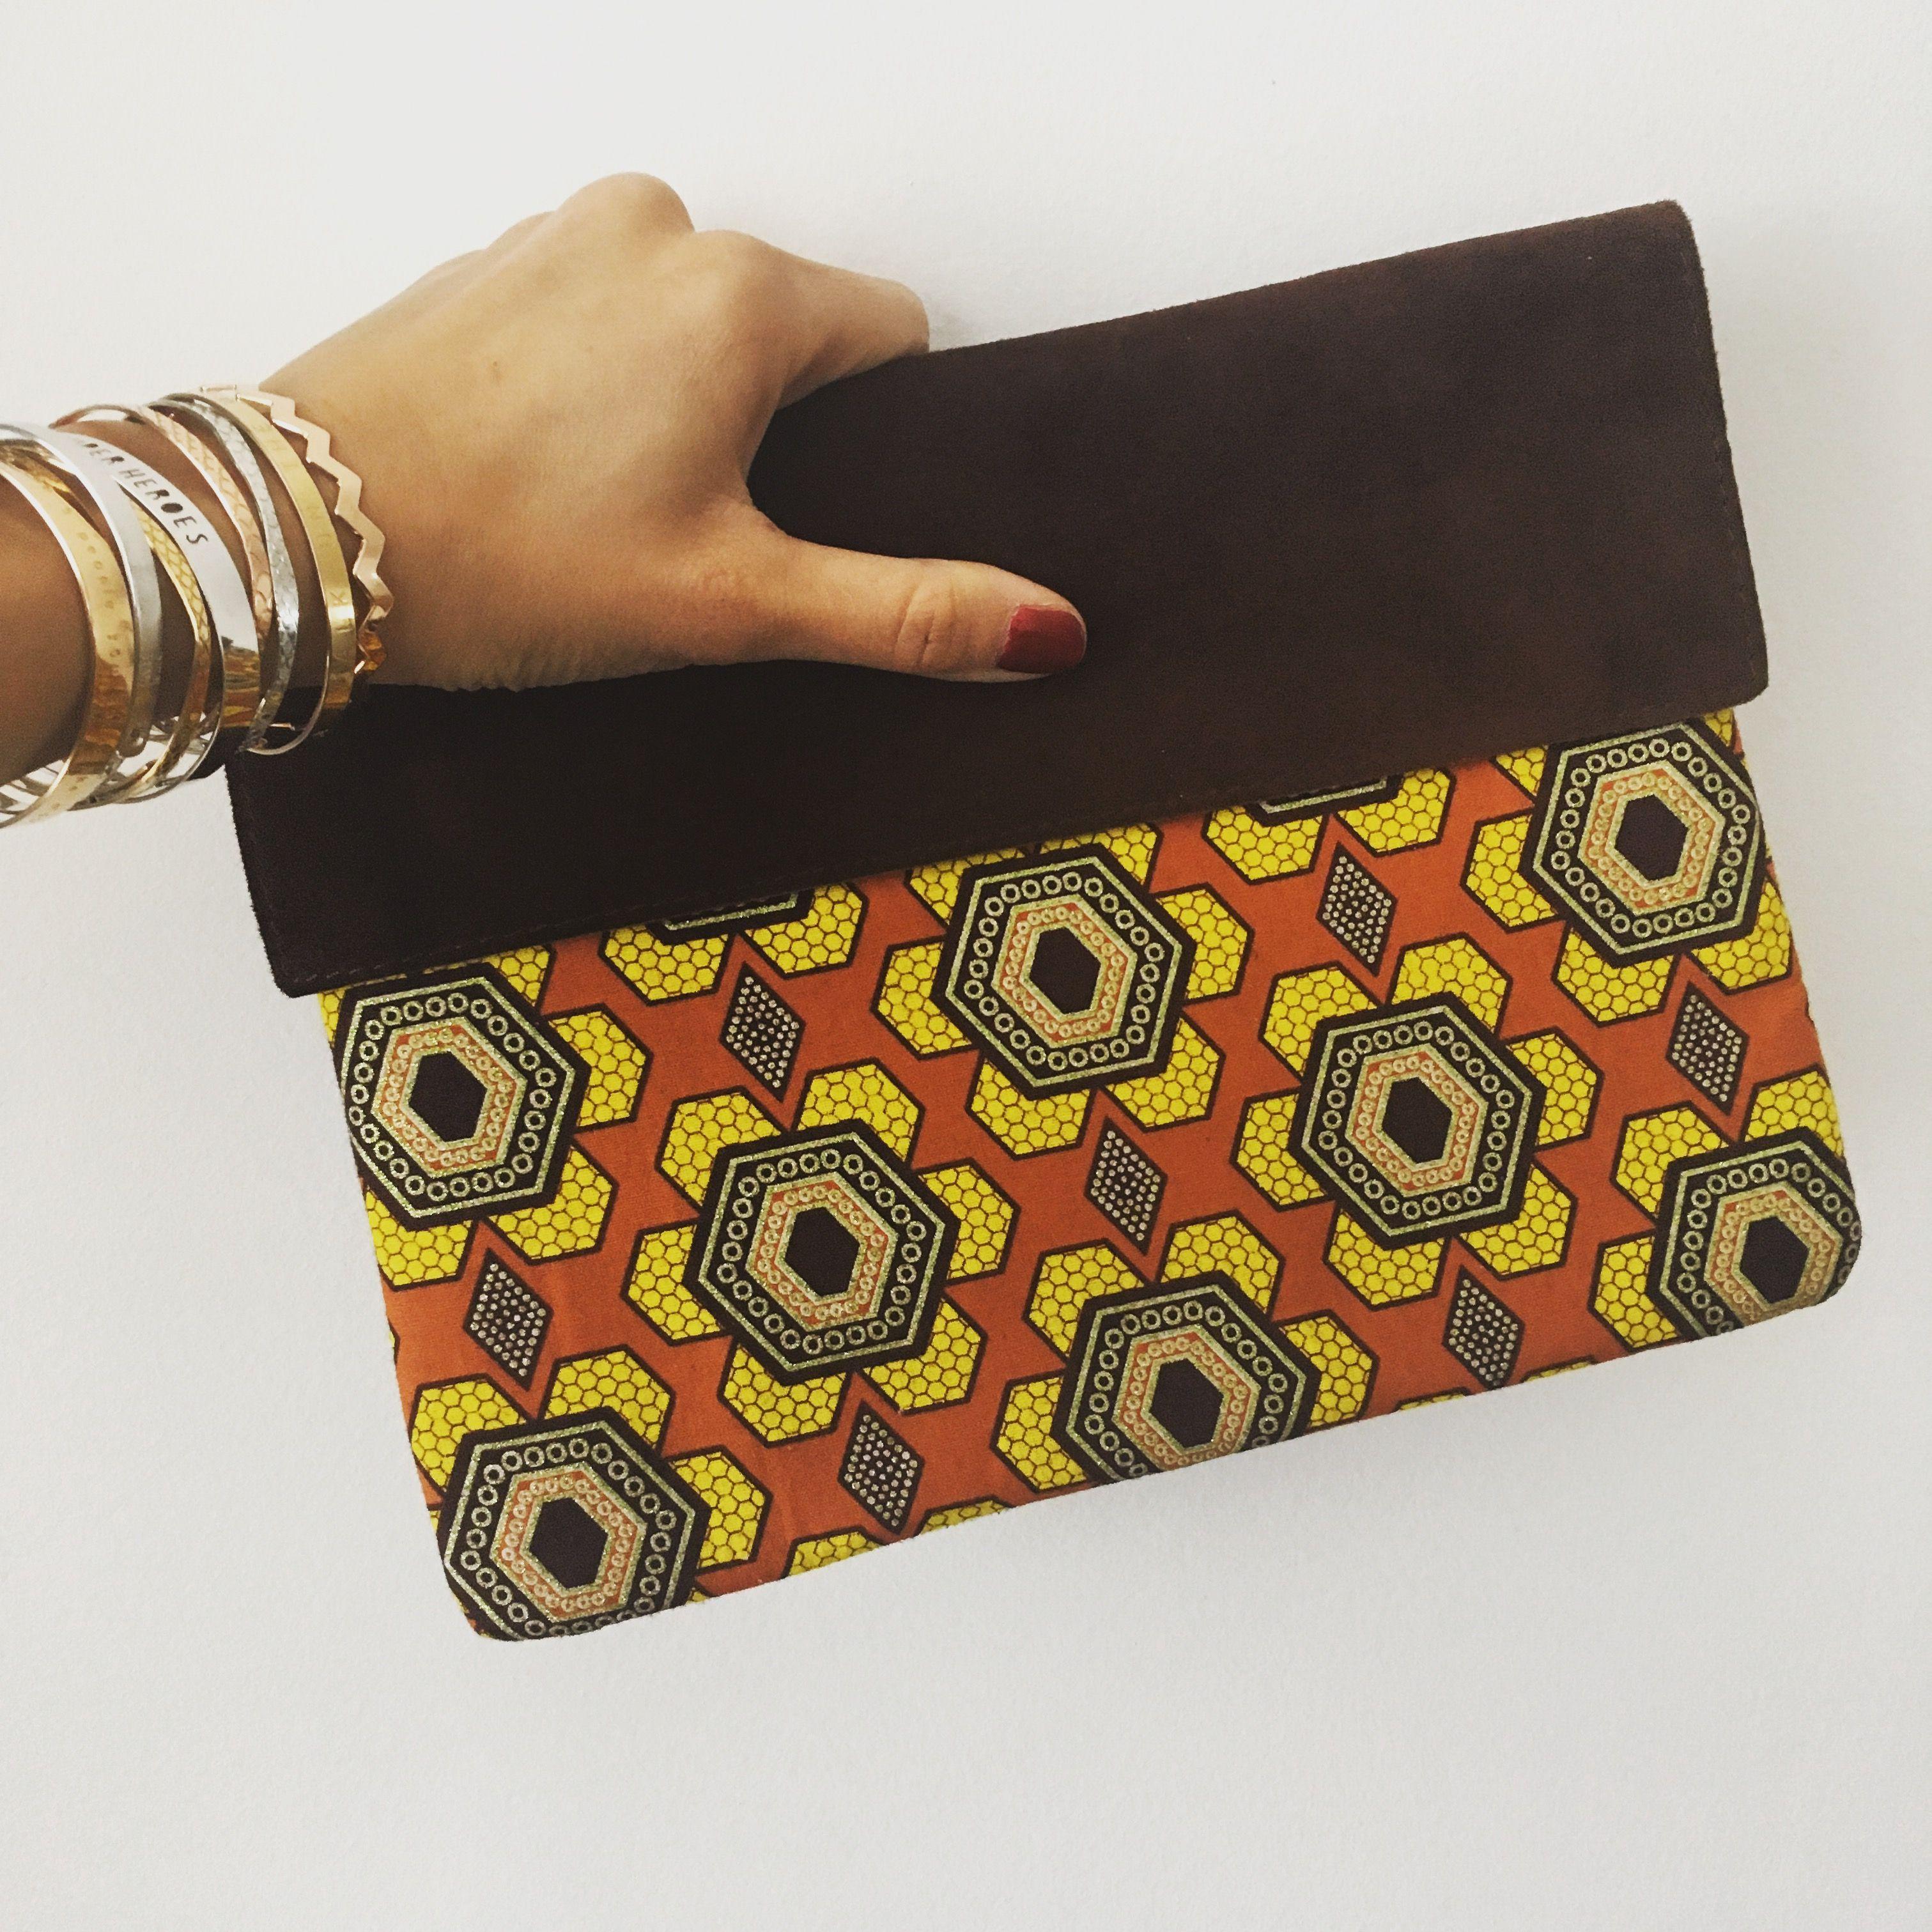 compagnon de sac en simili cuir et tissu africain cadeau femme portefeuille femme noir et wax bamako rouge porte monnaie tout en un style ethnique